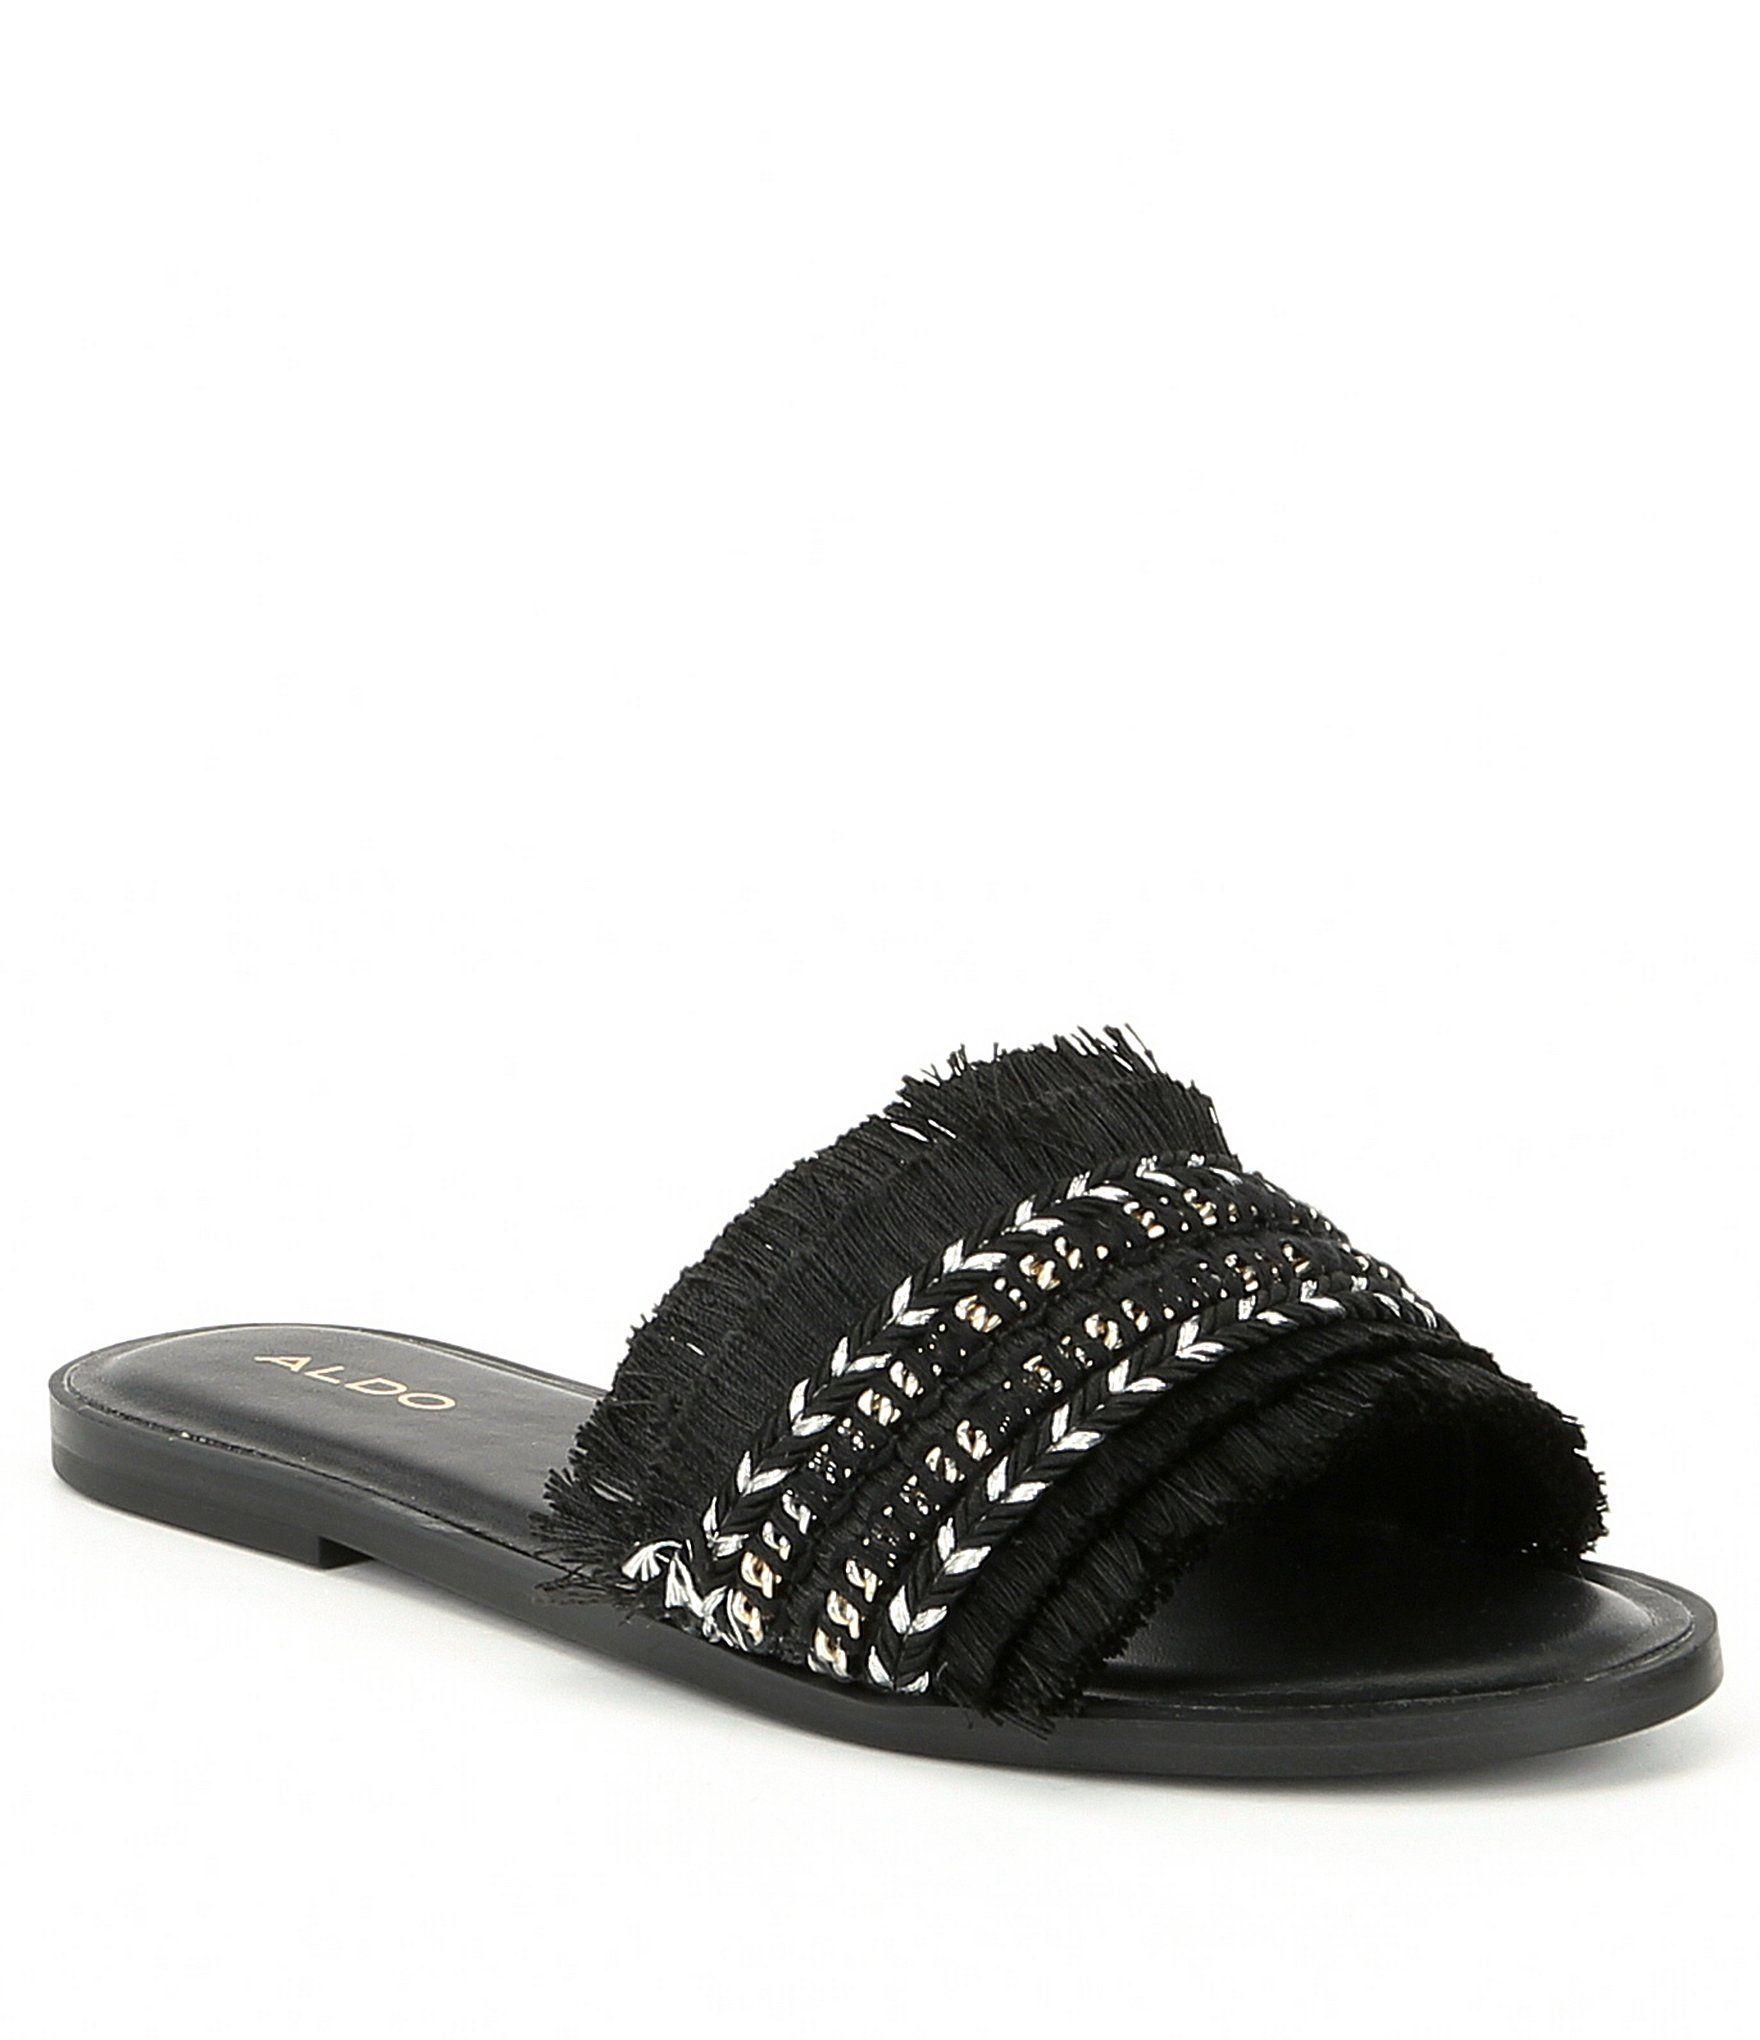 0a8dc1db9f5d ALDO Castlerock Fringe Slide Sandals  Dillards